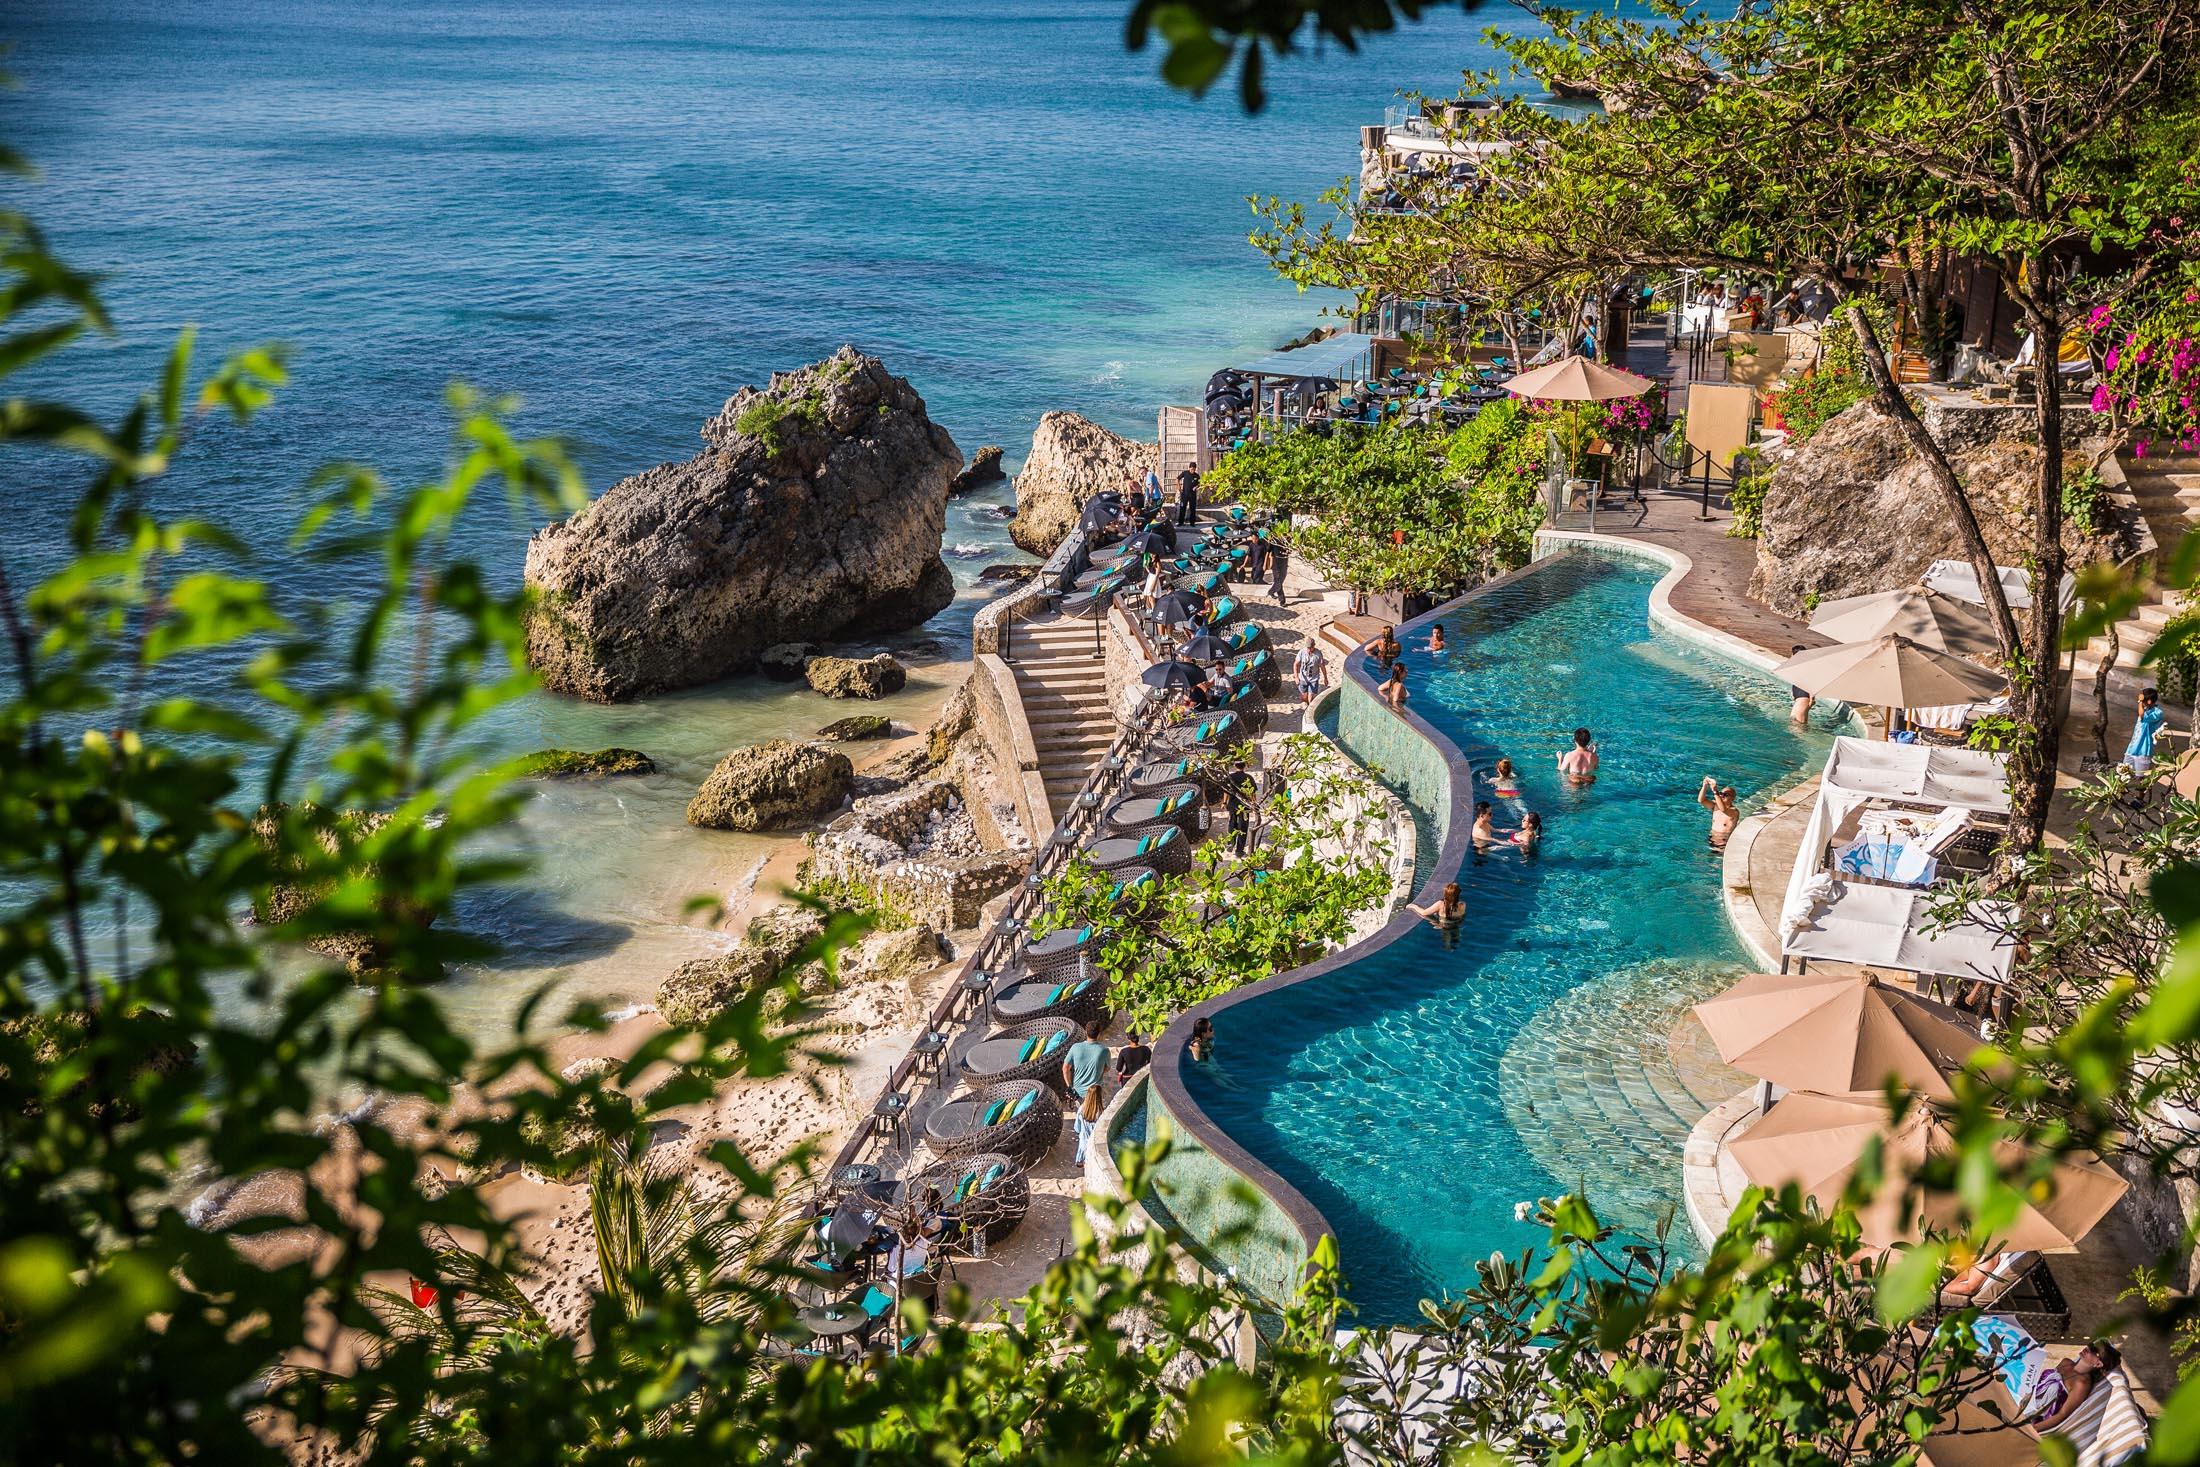 The Rock Bar, Bali